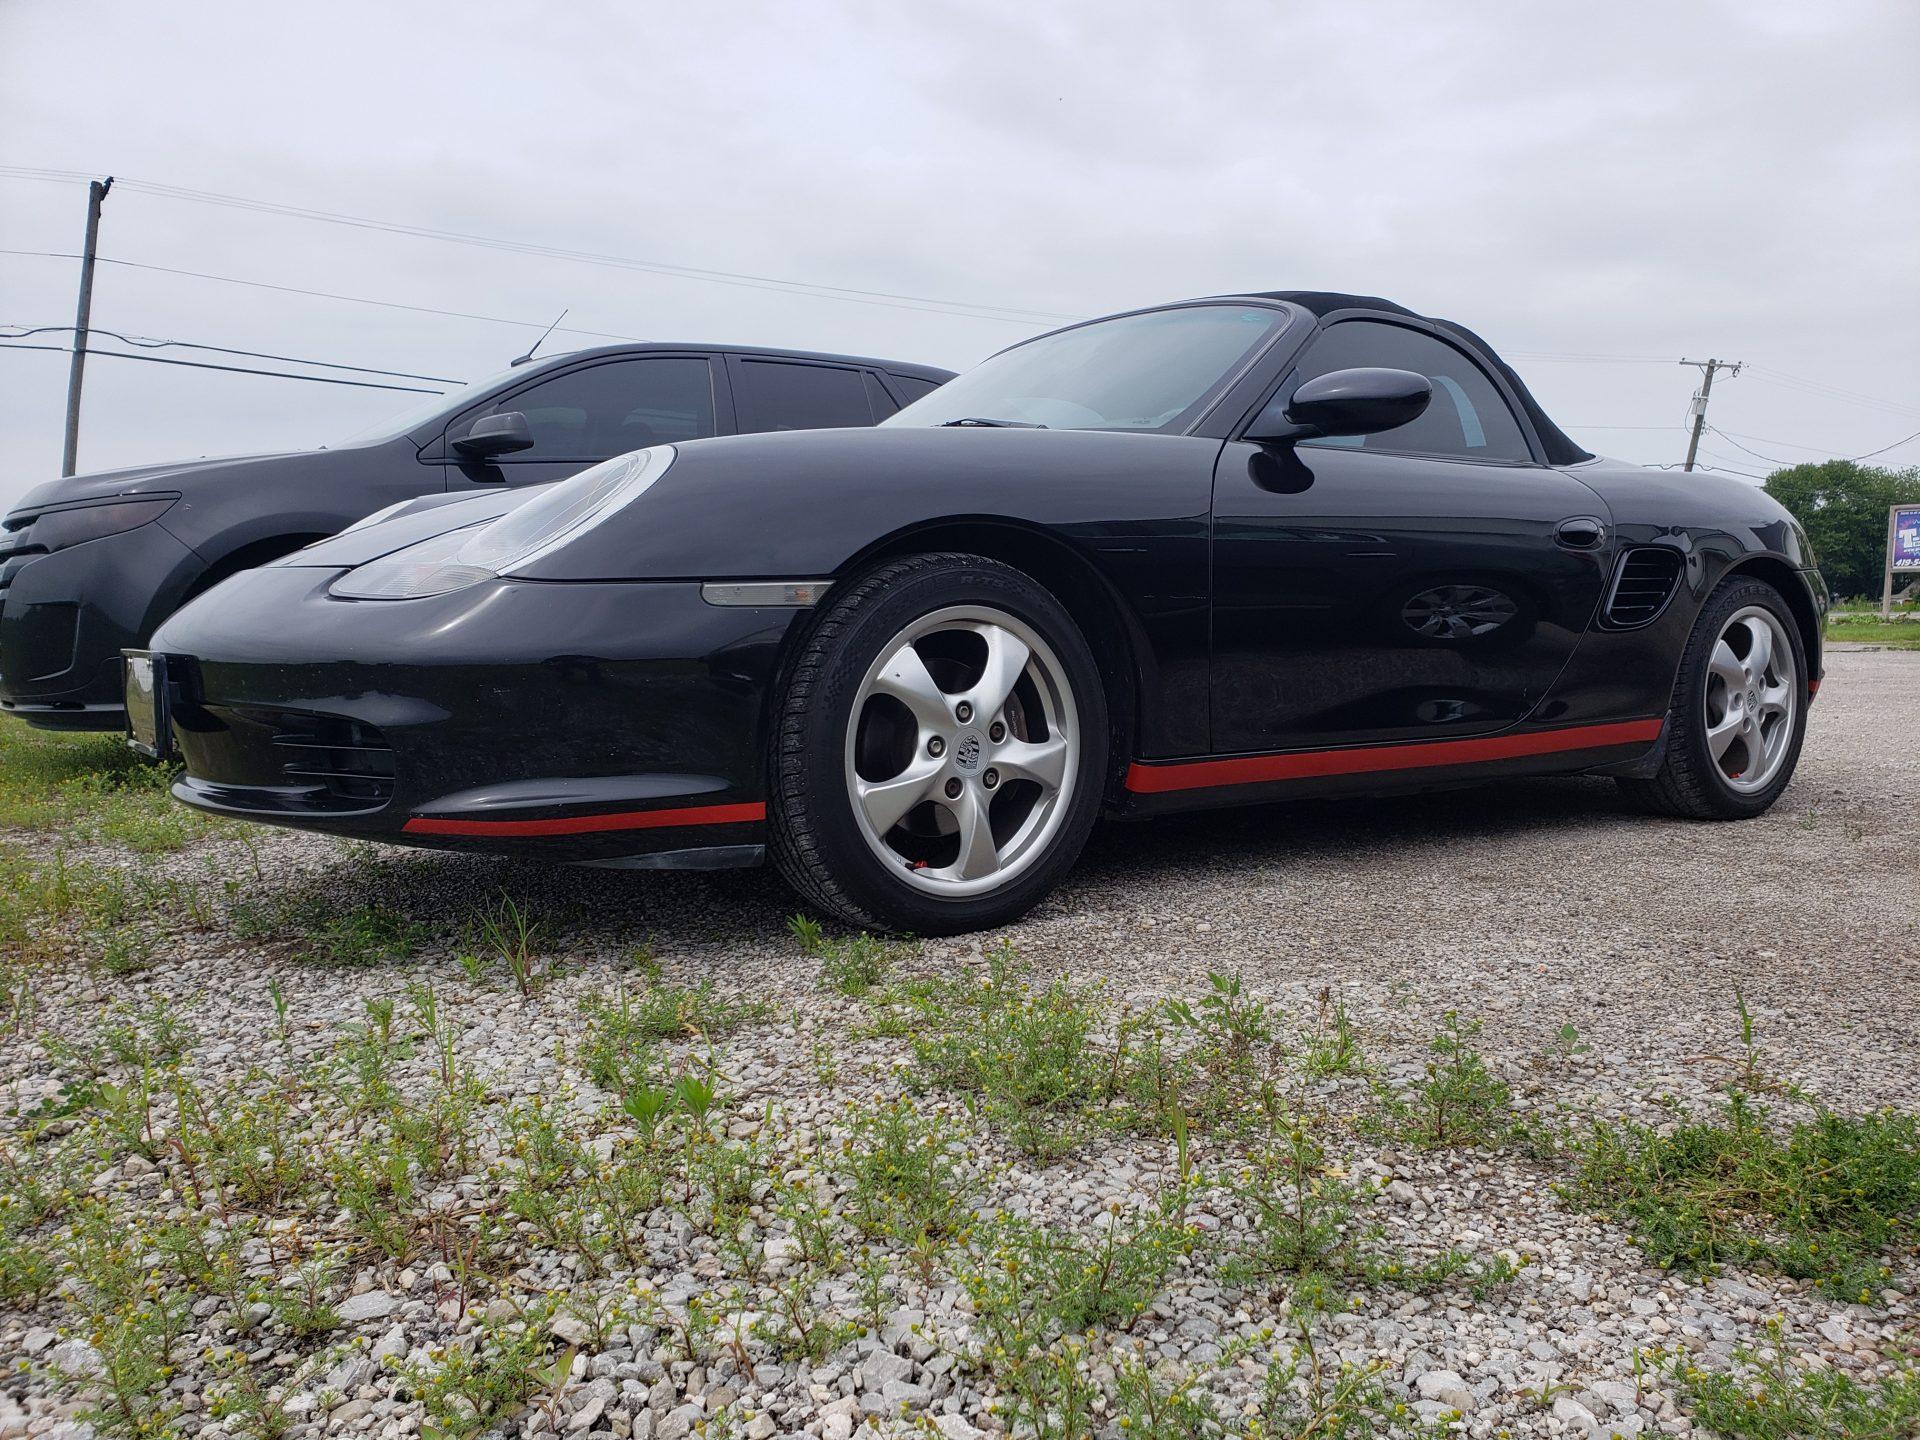 McCowen Porsche